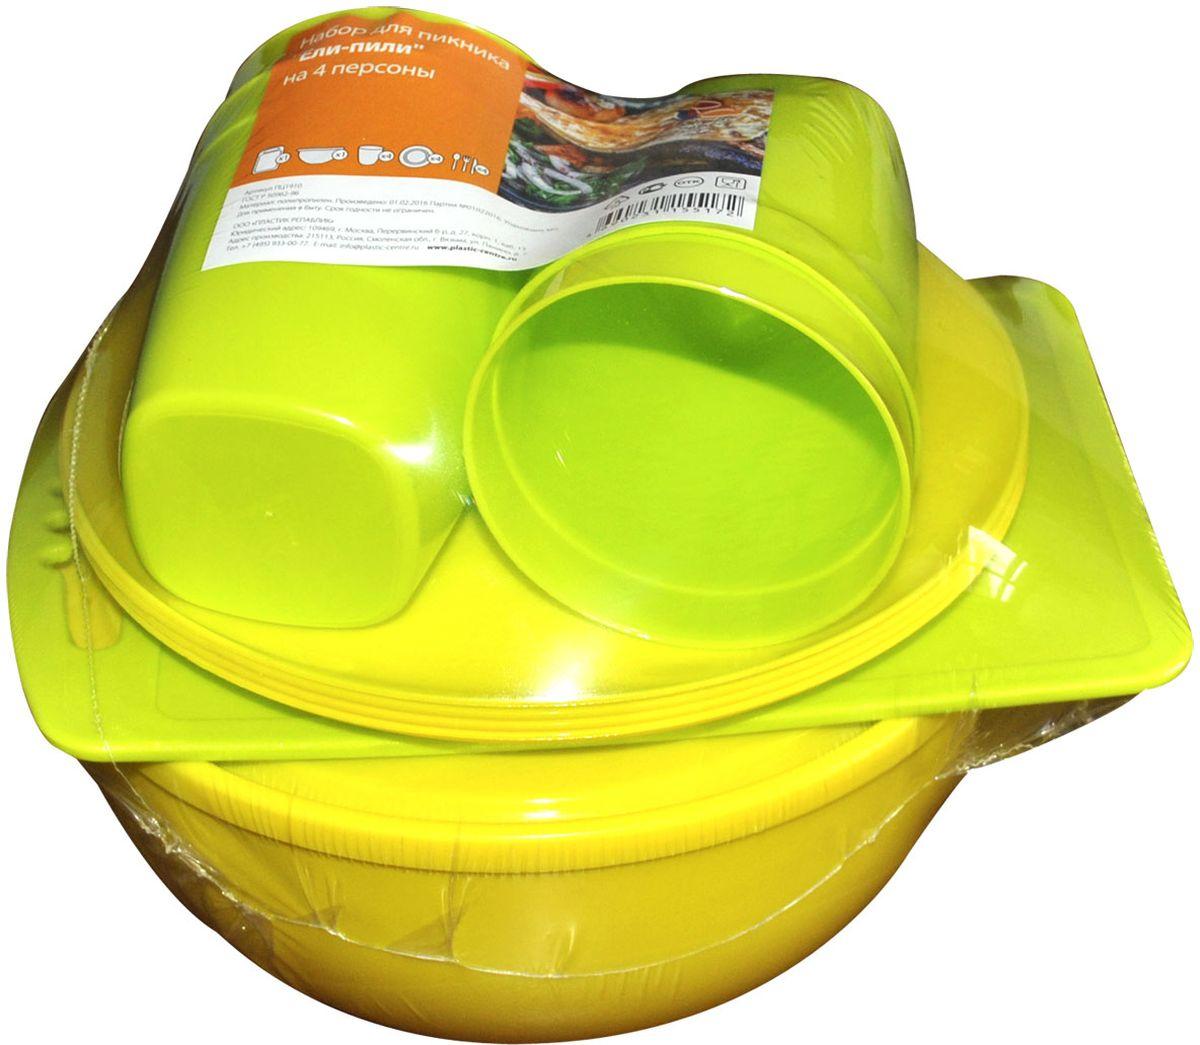 Набор для пикника Plastic Centre Ели-пили, на 4 персоныПЦ1910МИКСНабор прекрасно подойдет для организации пикника на природе на 4 человека. Разделочная доска пригодится для резки овощей и зелени. В объемную миску с крышкой хорошо сложить приготовленный шашлык, а столовых приборов, стаканов и маленьких салатников хватит на целую компанию. Легкий и прочный пластик подходит для многократного использования.